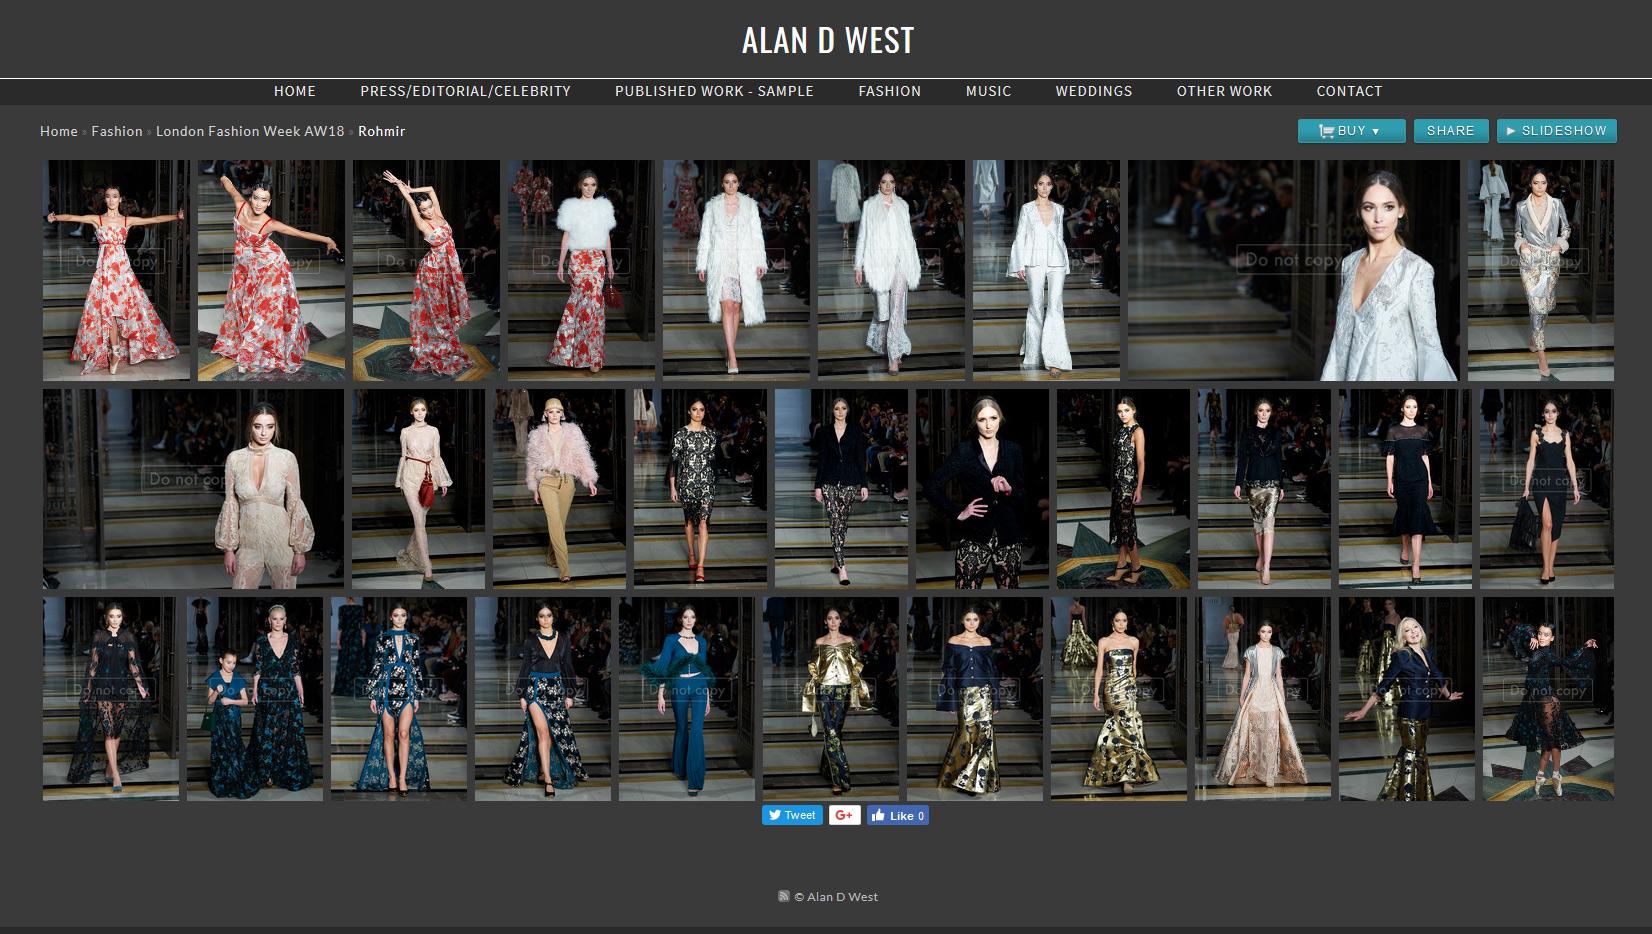 alan-d-west